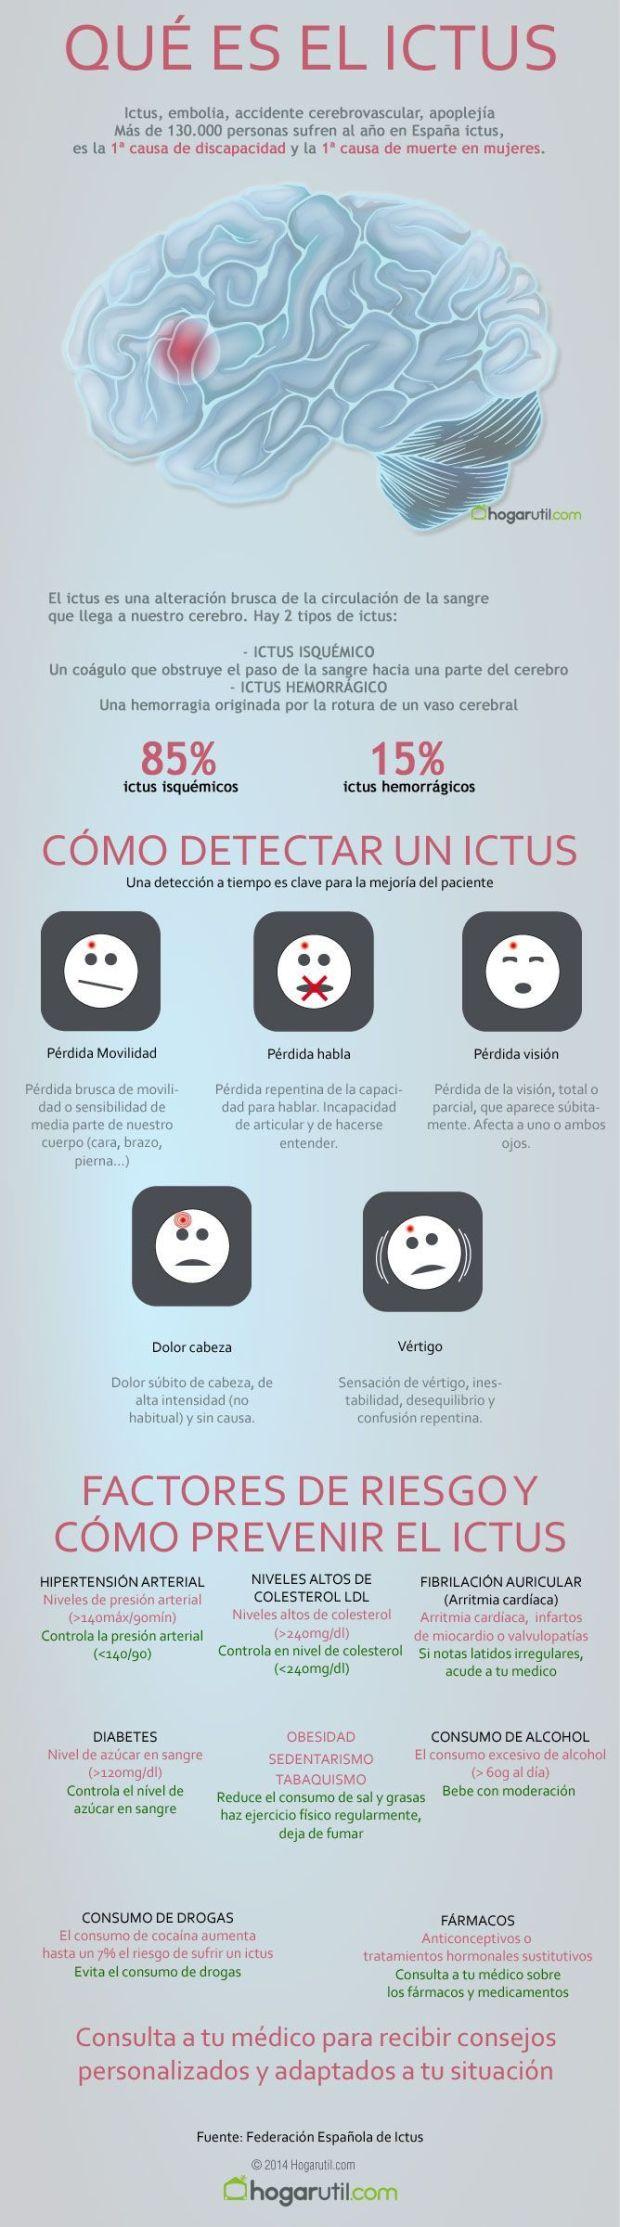 Qué es el Ictus